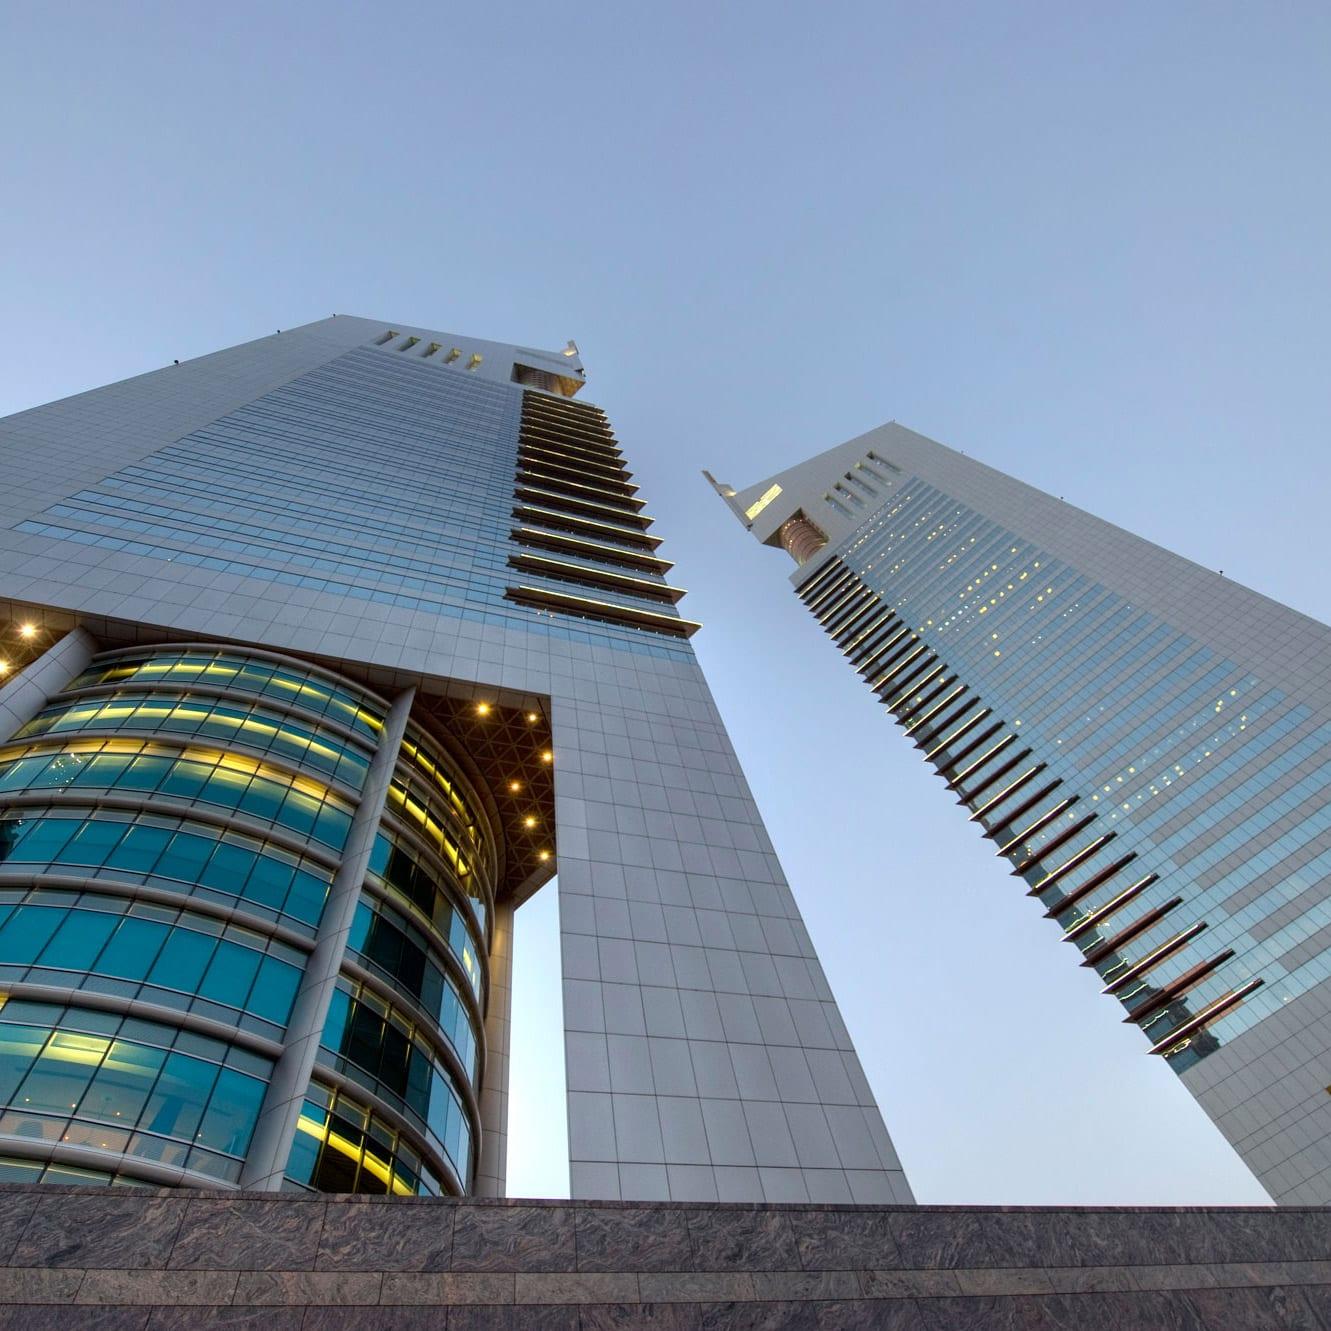 Jumeirah_Emirates_Towers-hotel-Close-Up_Exterior-2